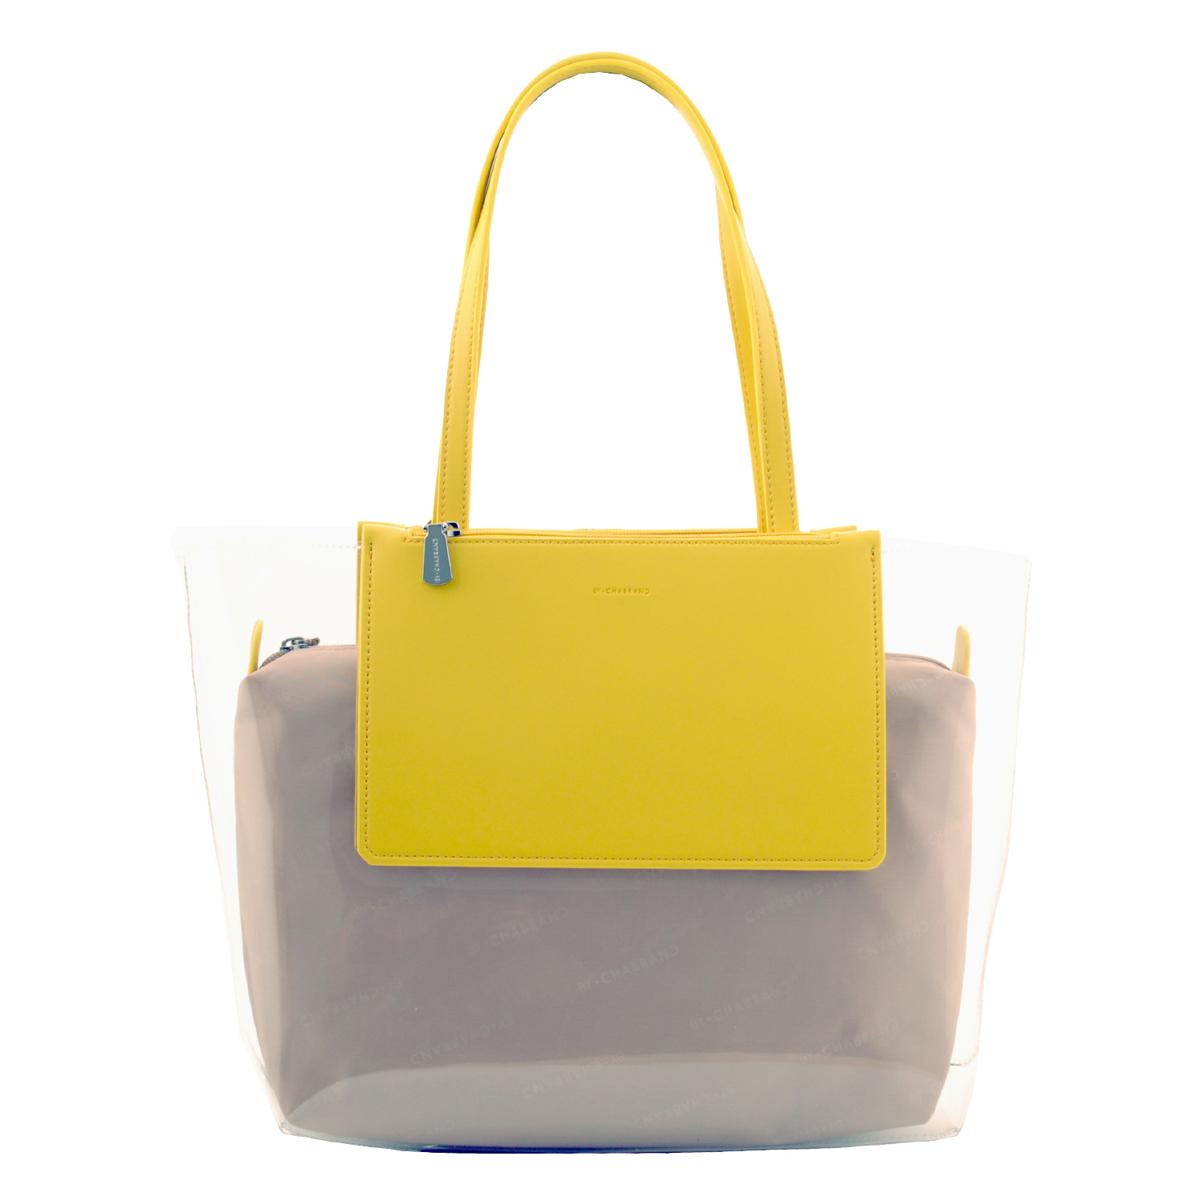 Sac créateur \'Chabrand\' transparent jaune - 42x29x12 cm - [R1651]